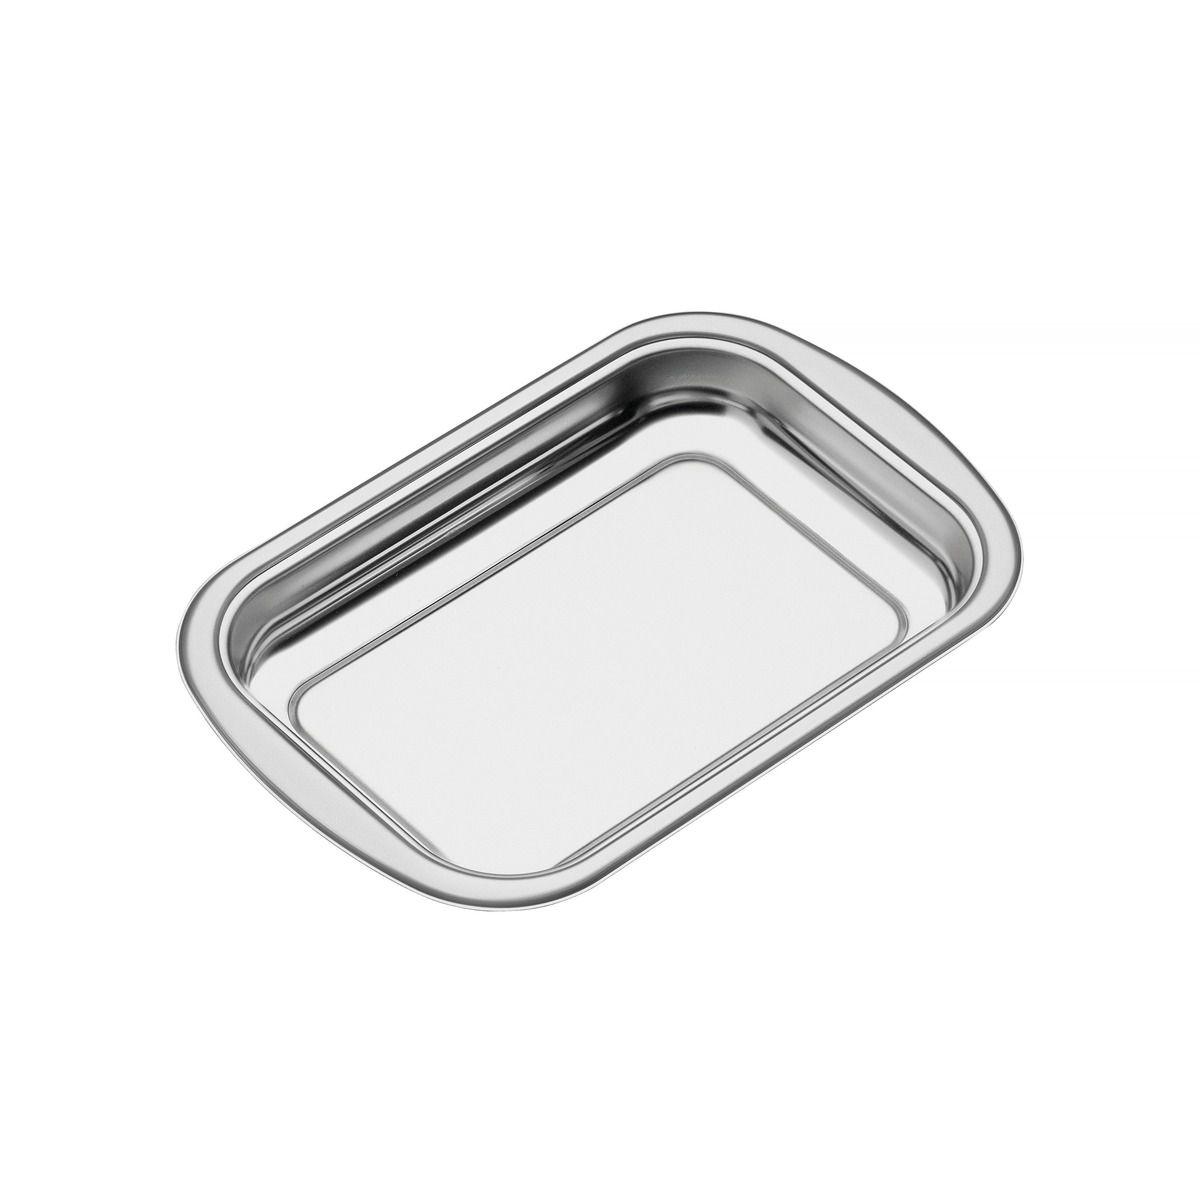 Assadeira Tramontina Cosmos Retangular em Aço Inox 34 cm 61310/341 | Lojas Estrela